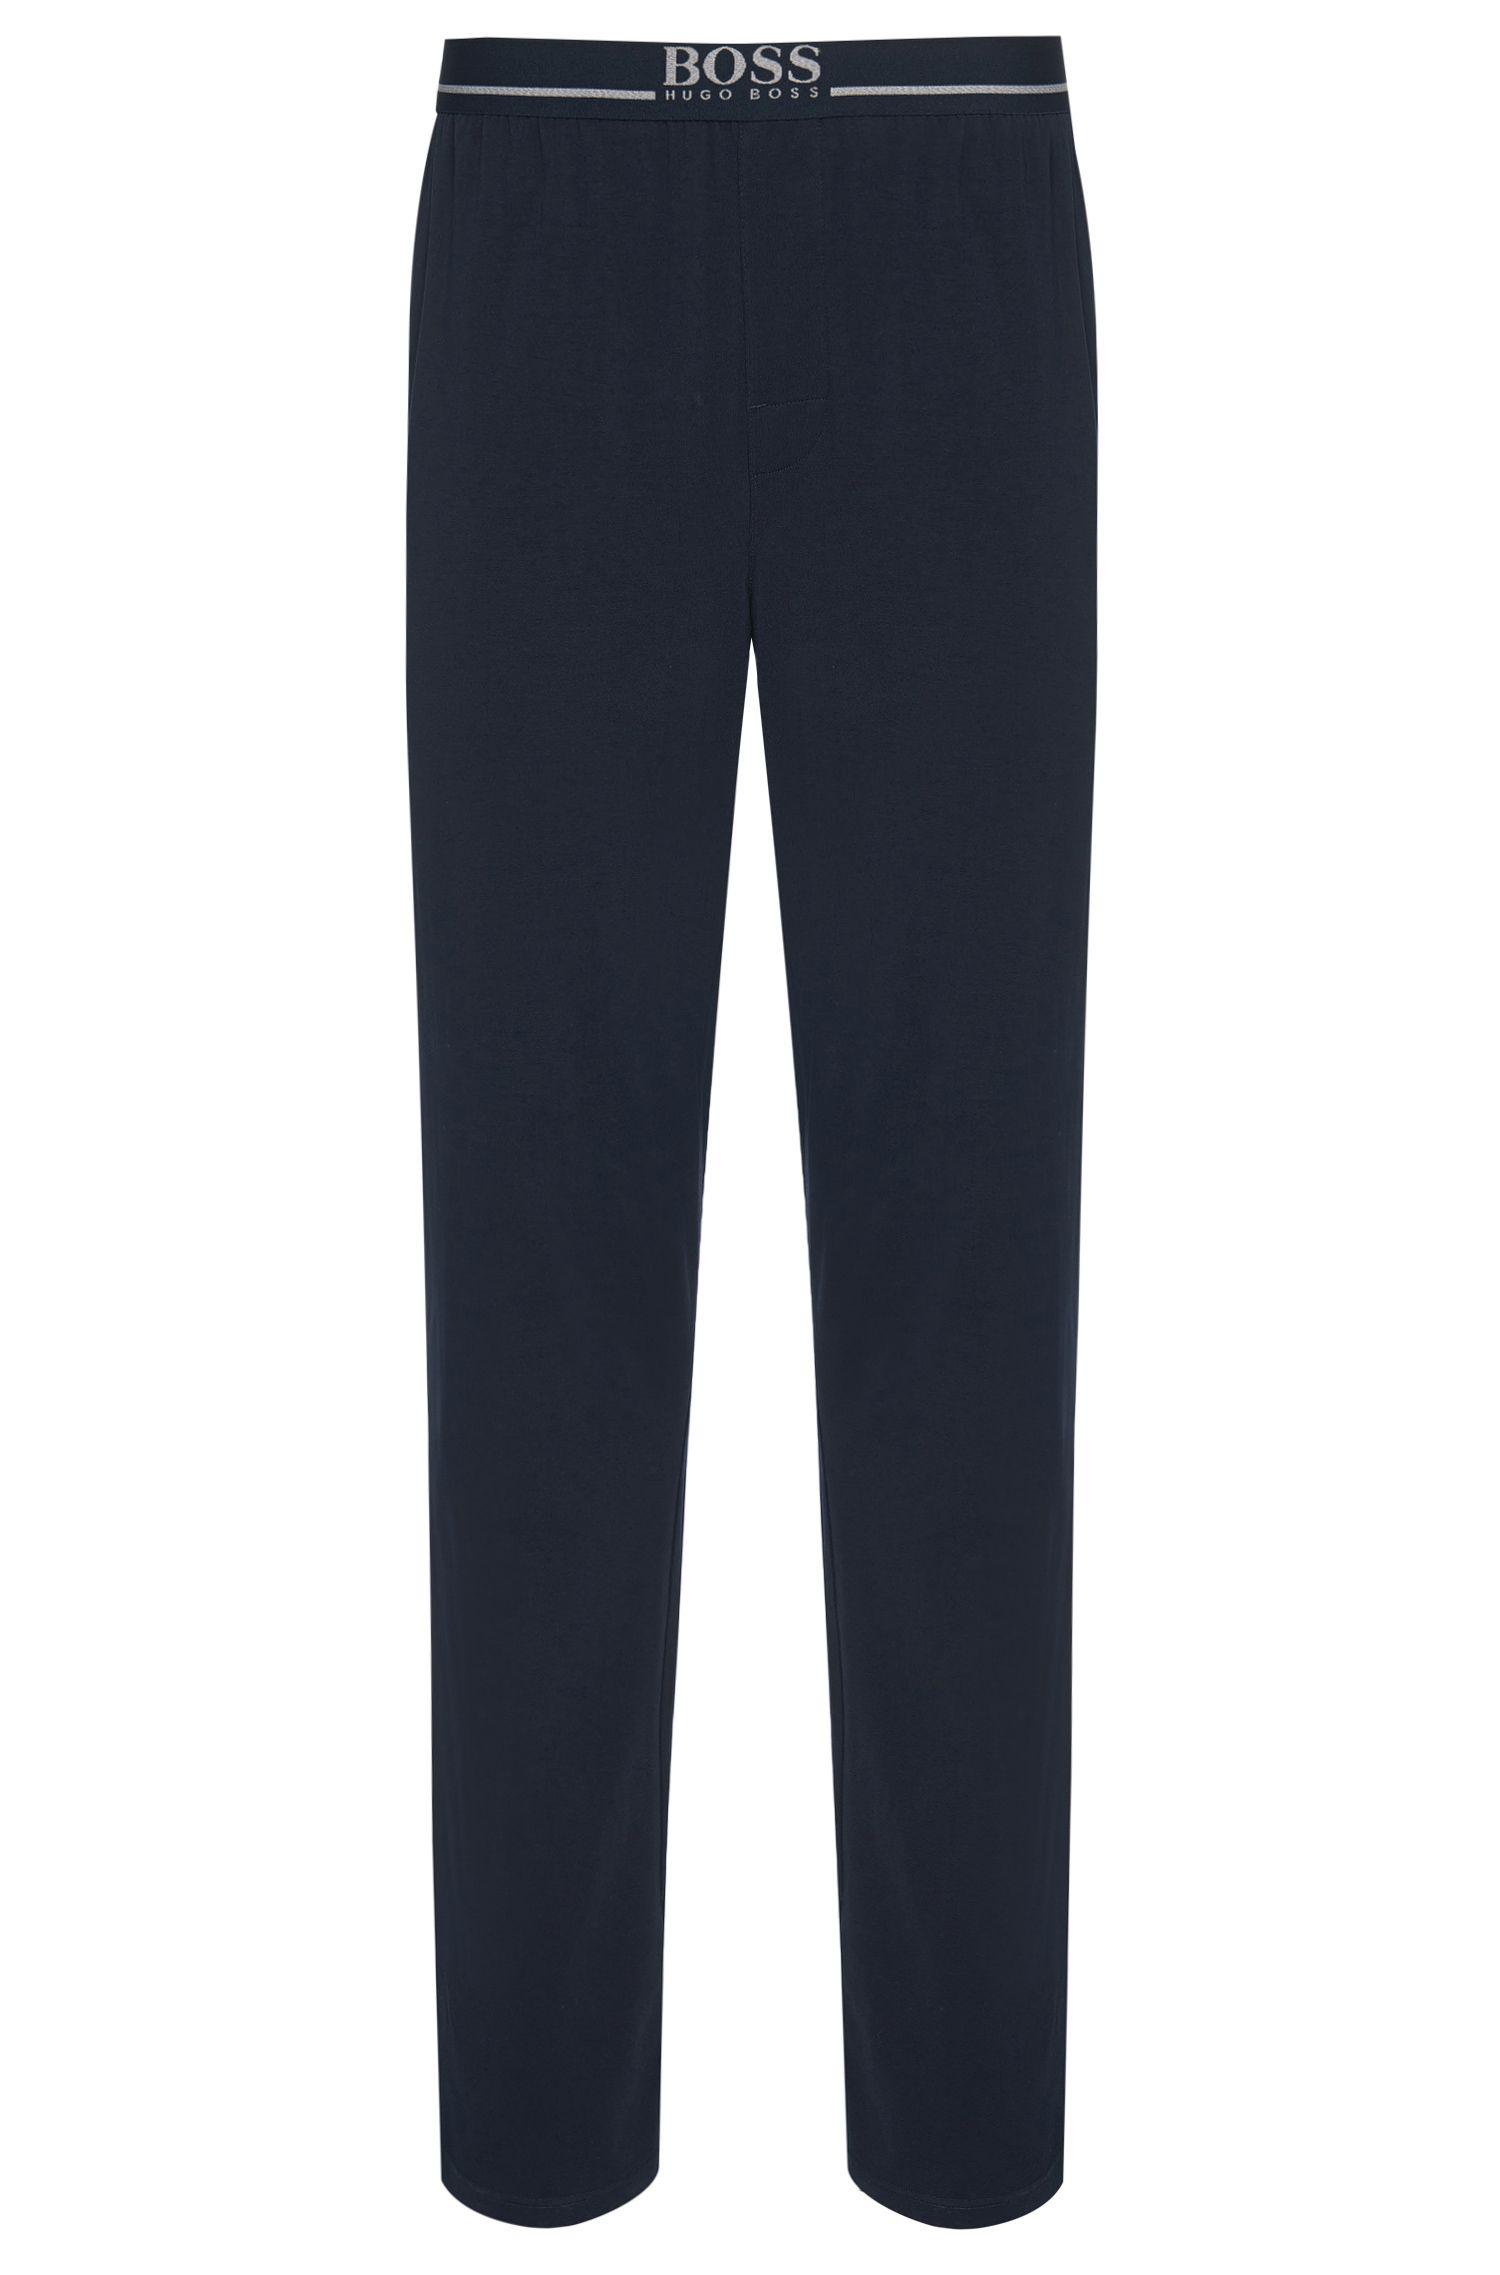 Jogging-Hose aus elastischem Baumwoll-Jersey, Dunkelblau